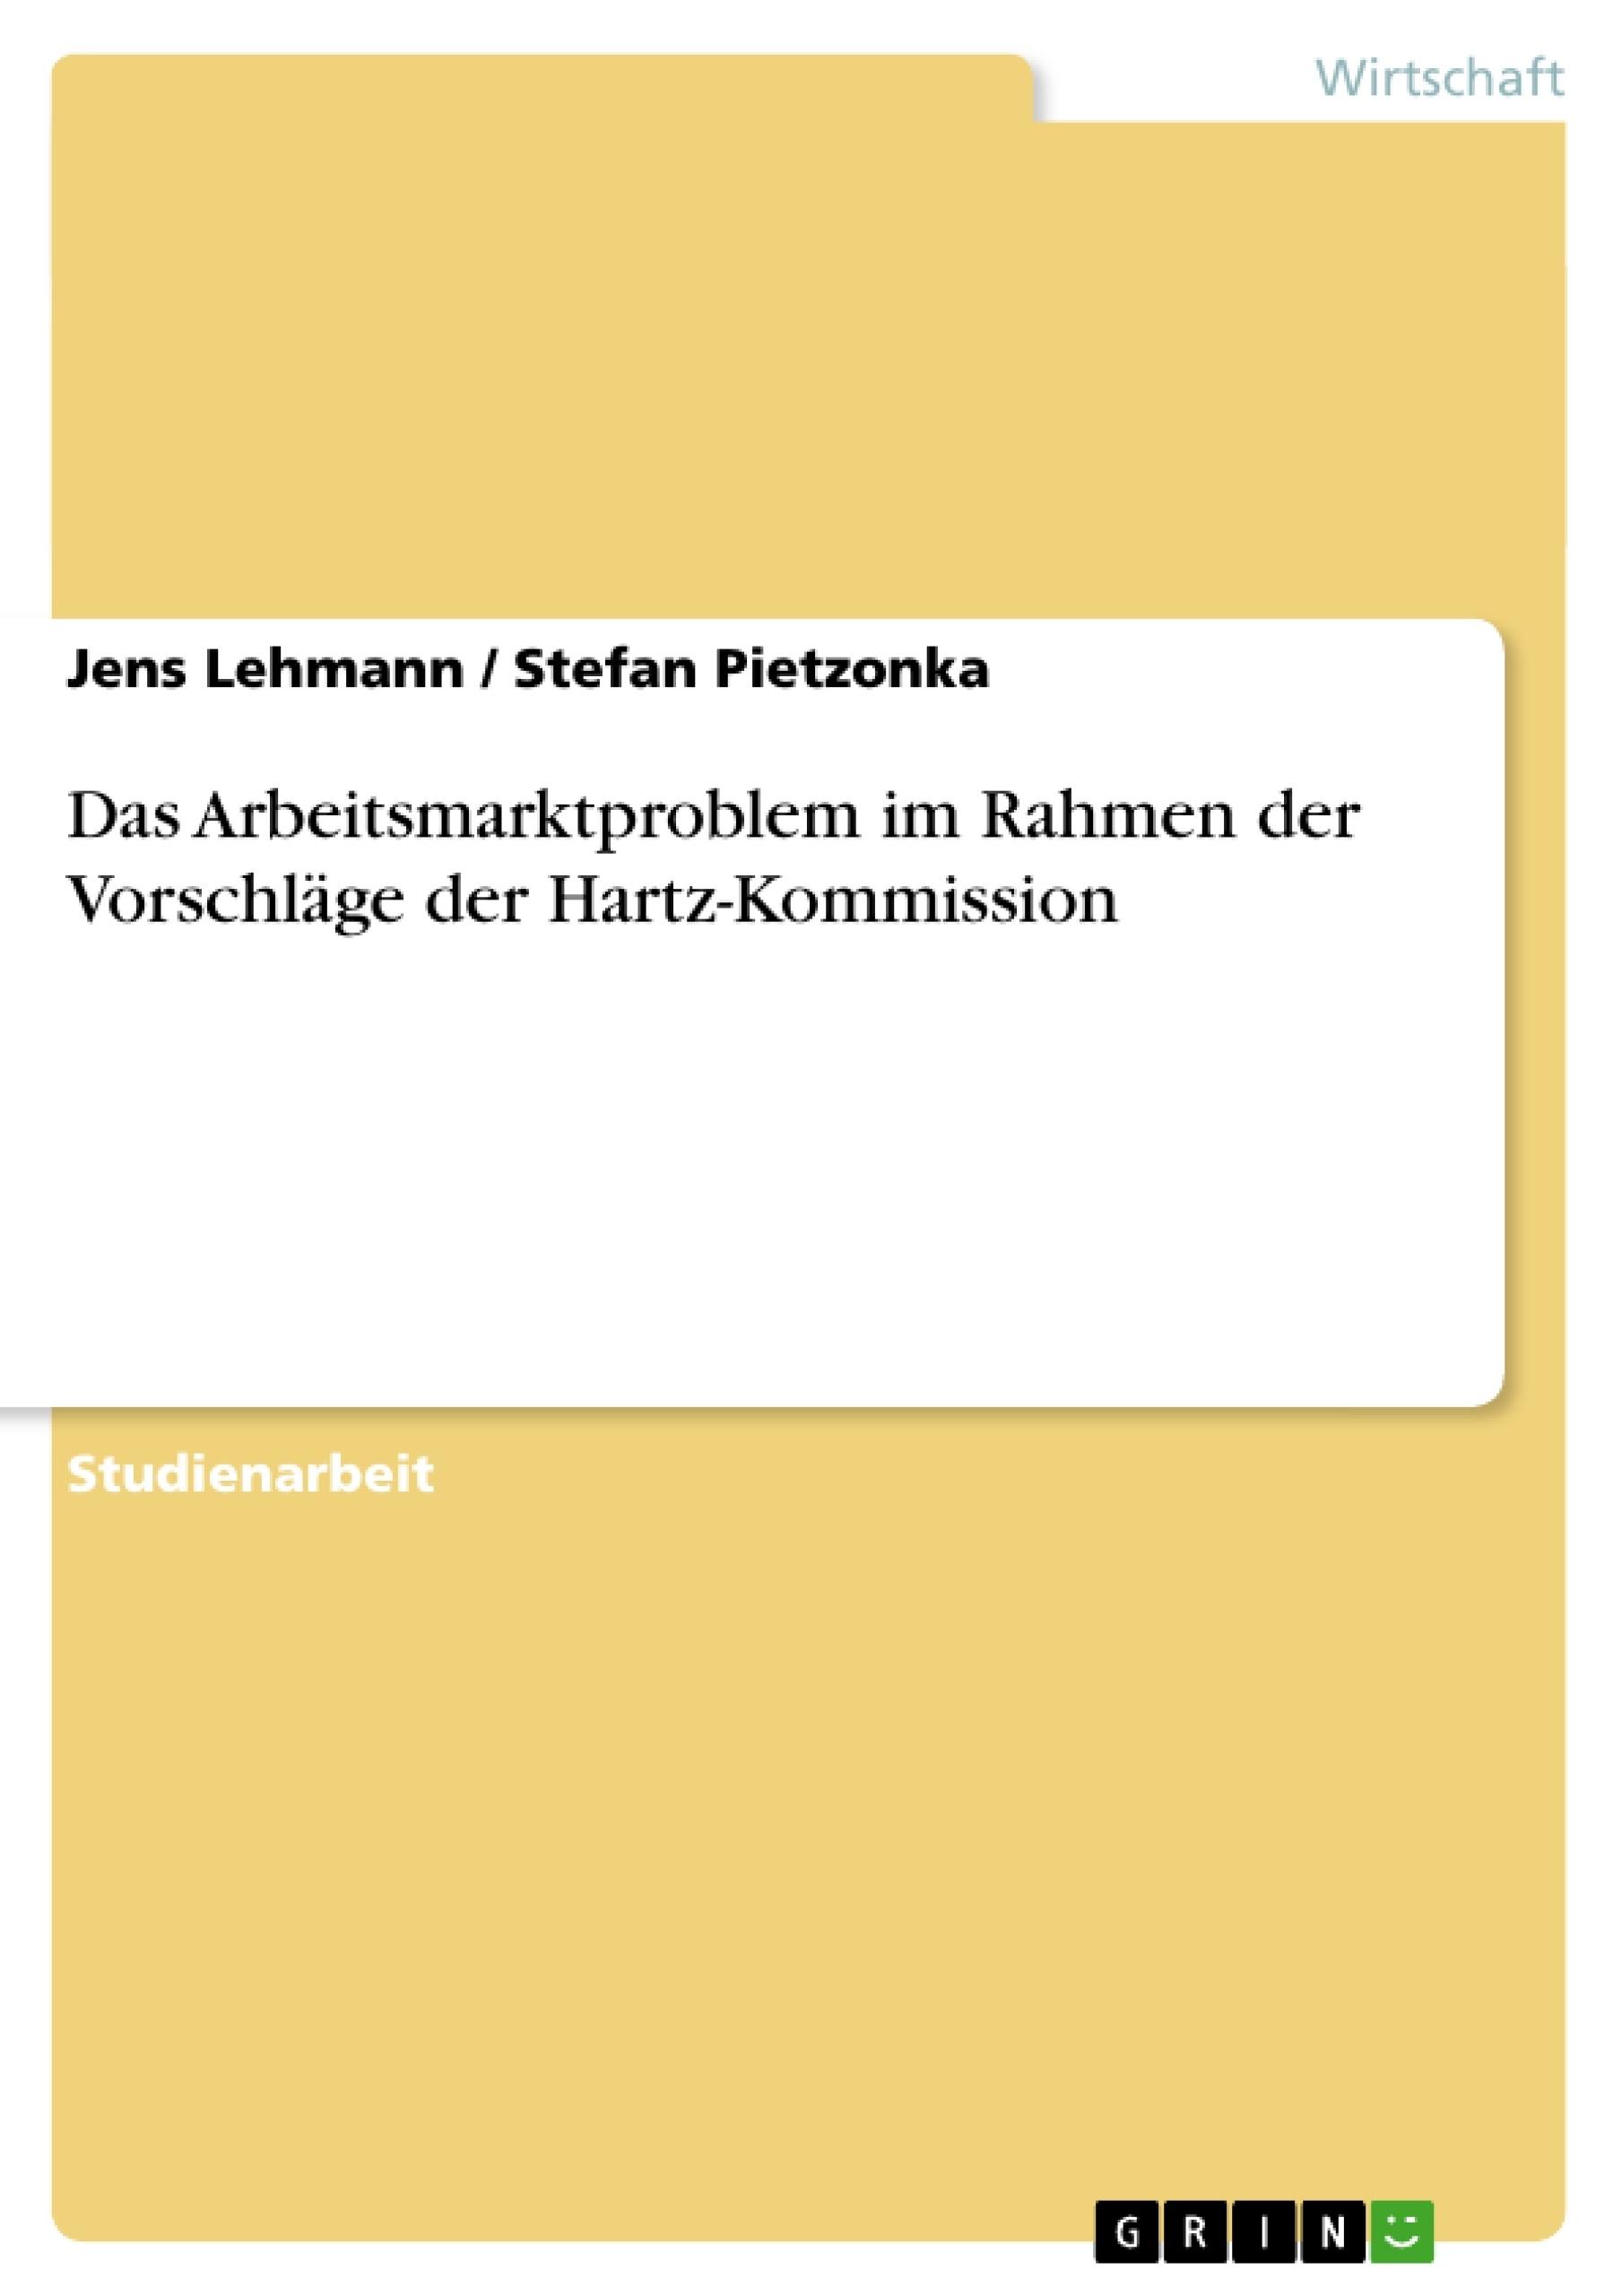 Titel: Das Arbeitsmarktproblem im Rahmen der Vorschläge der Hartz-Kommission